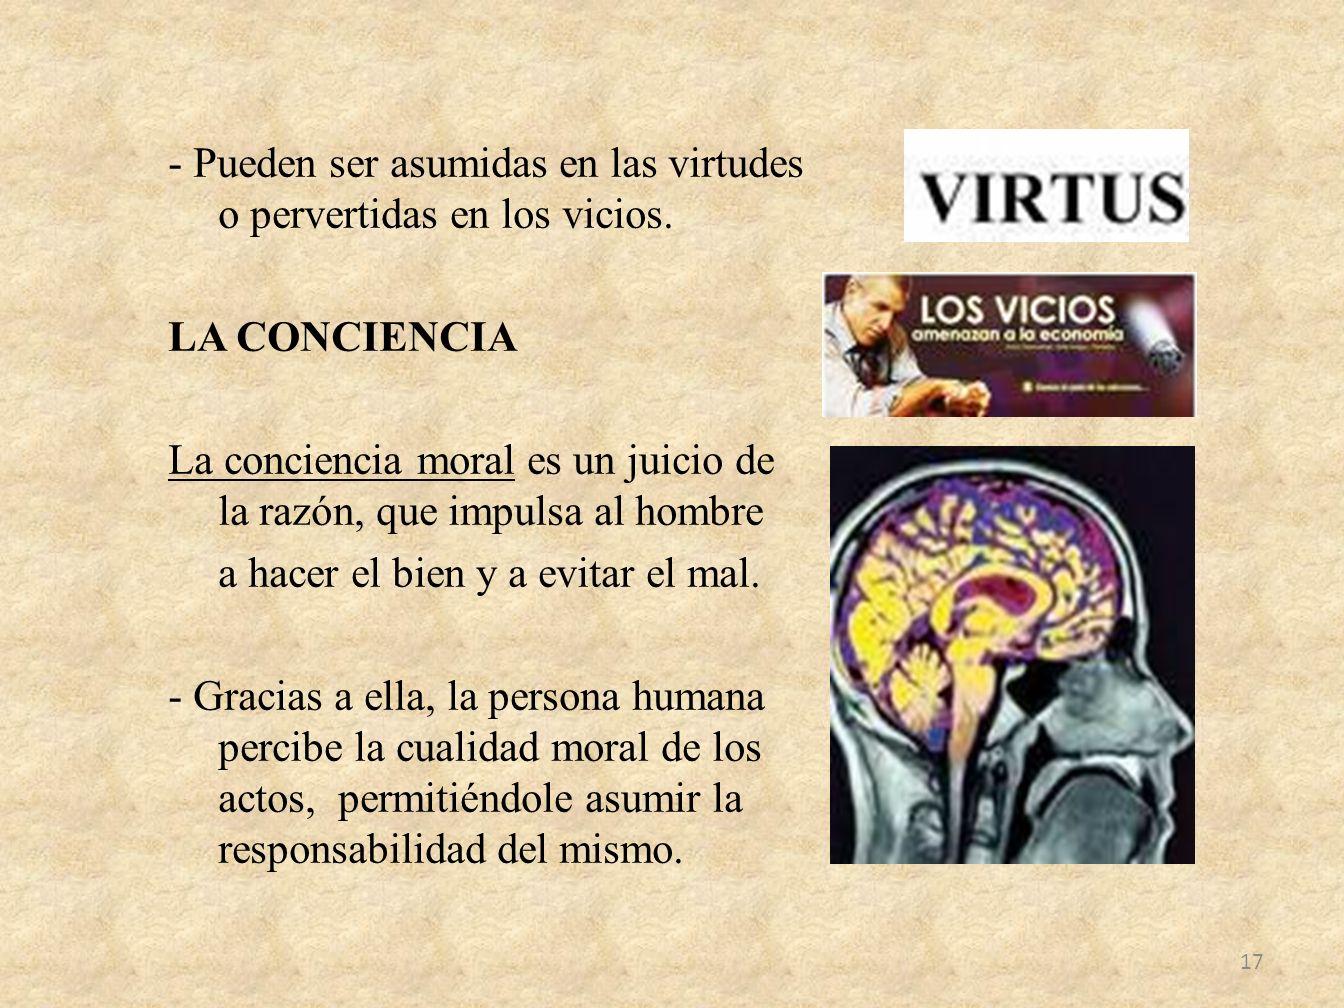 - Pueden ser asumidas en las virtudes o pervertidas en los vicios. LA CONCIENCIA La conciencia moral es un juicio de la razón, que impulsa al hombre a